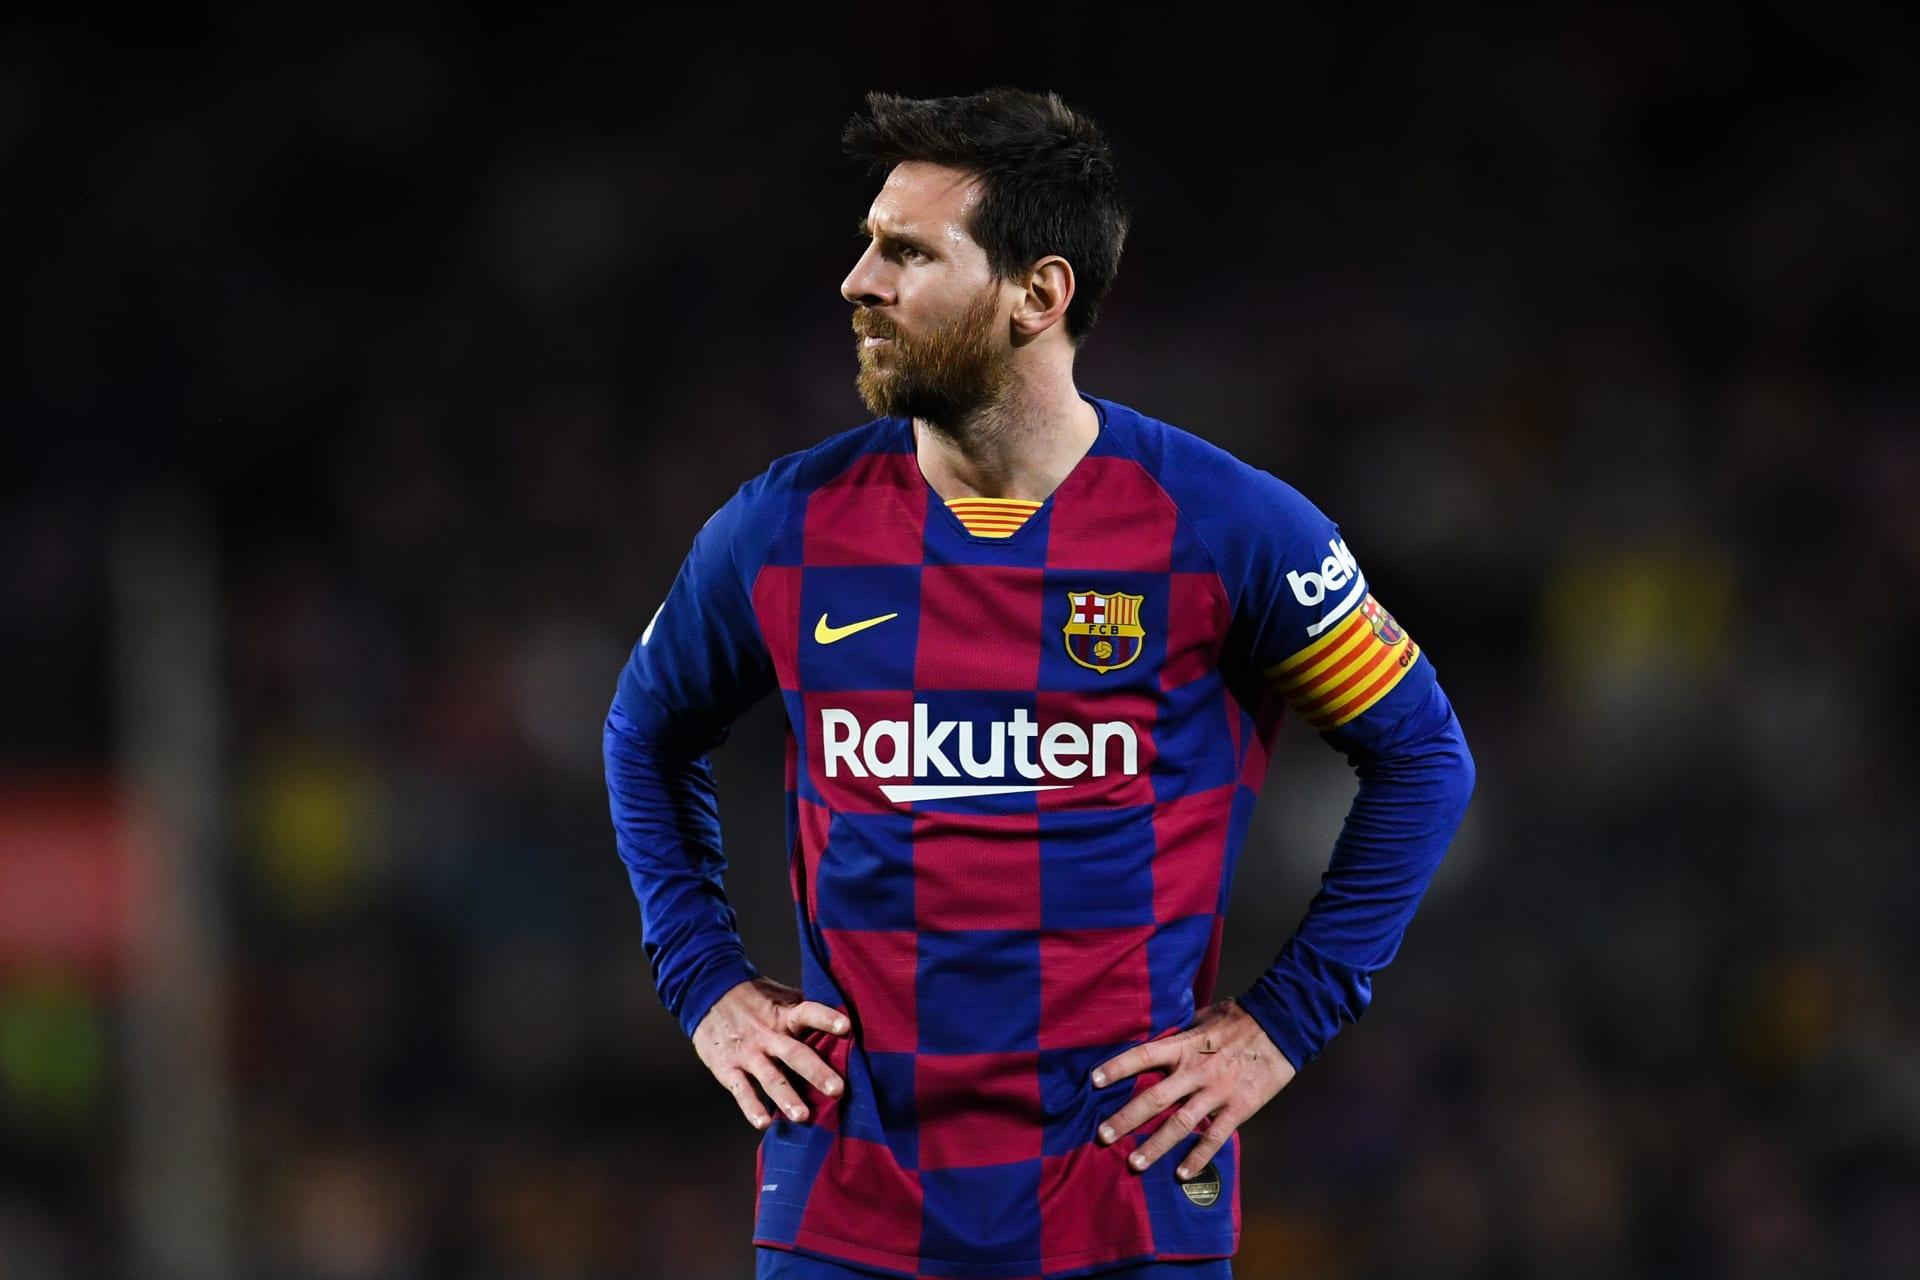 أبيدال يكشف تقاعس لاعبي برشلونة تحت إدارة فالفيردي.. وميسي يرد: قُل أسماءهم